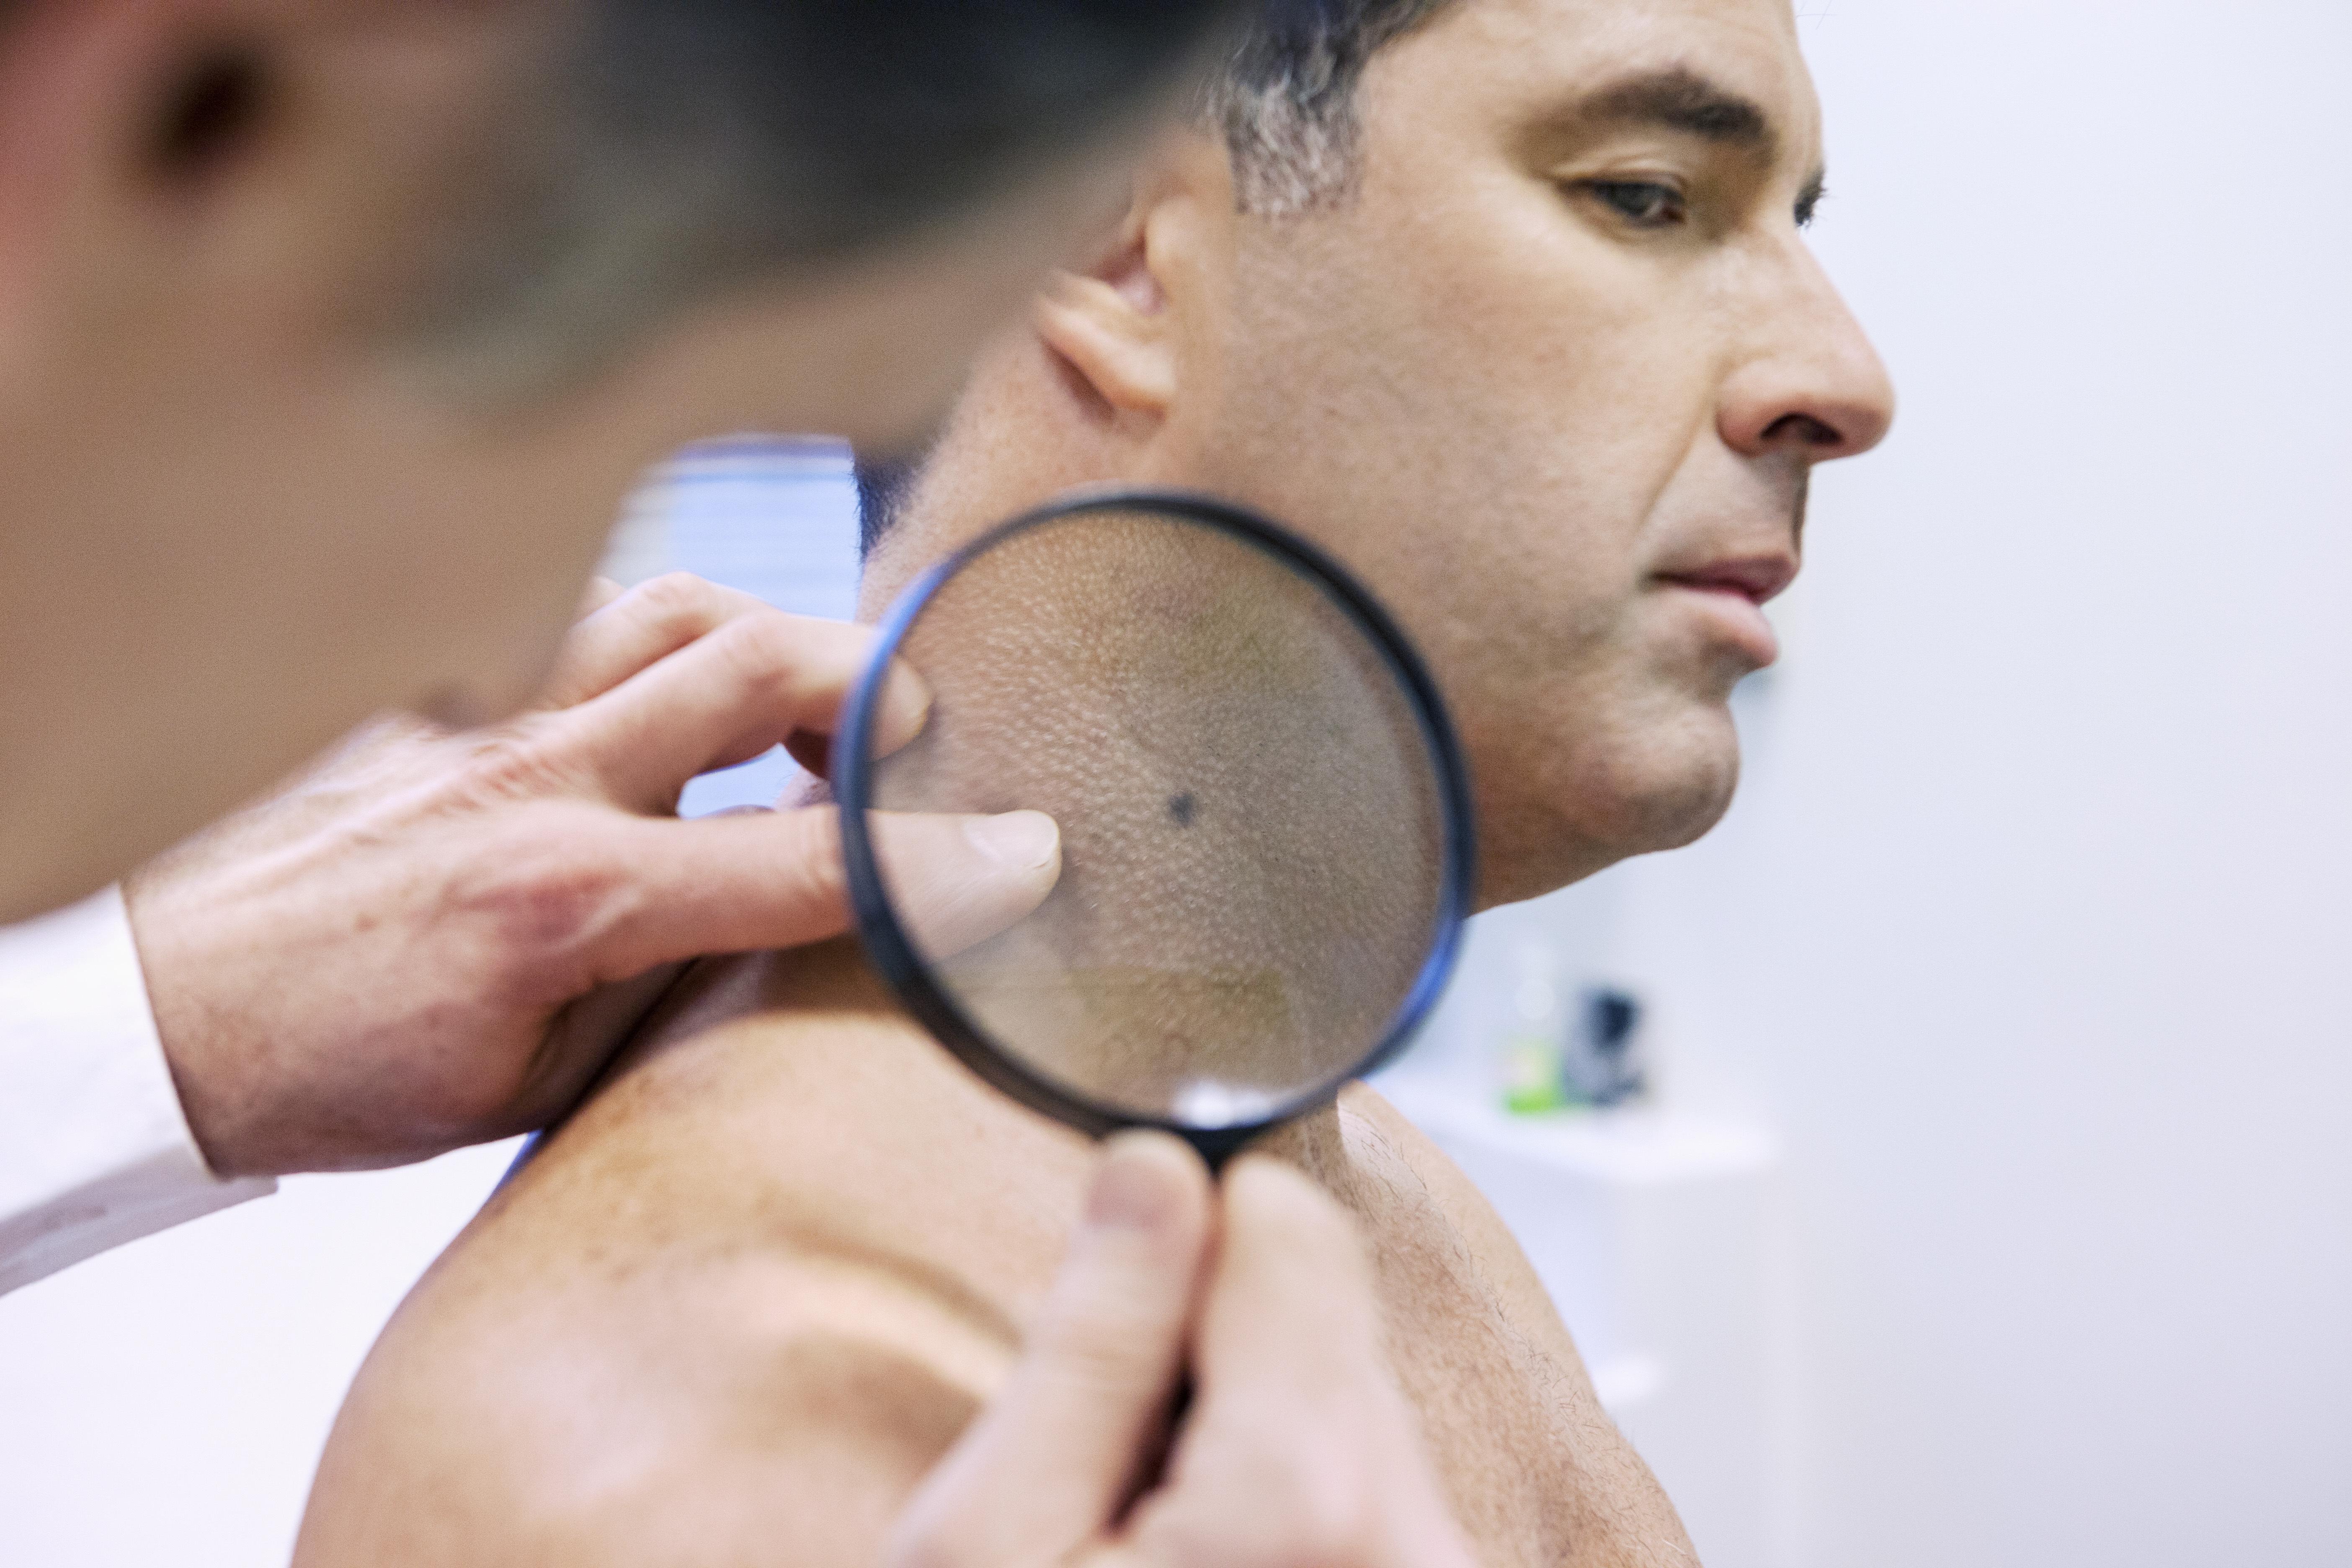 En studie visade att datorprogram och hudläkare var lika bra på att tolka om hudförändringar var farliga eller ofarliga.